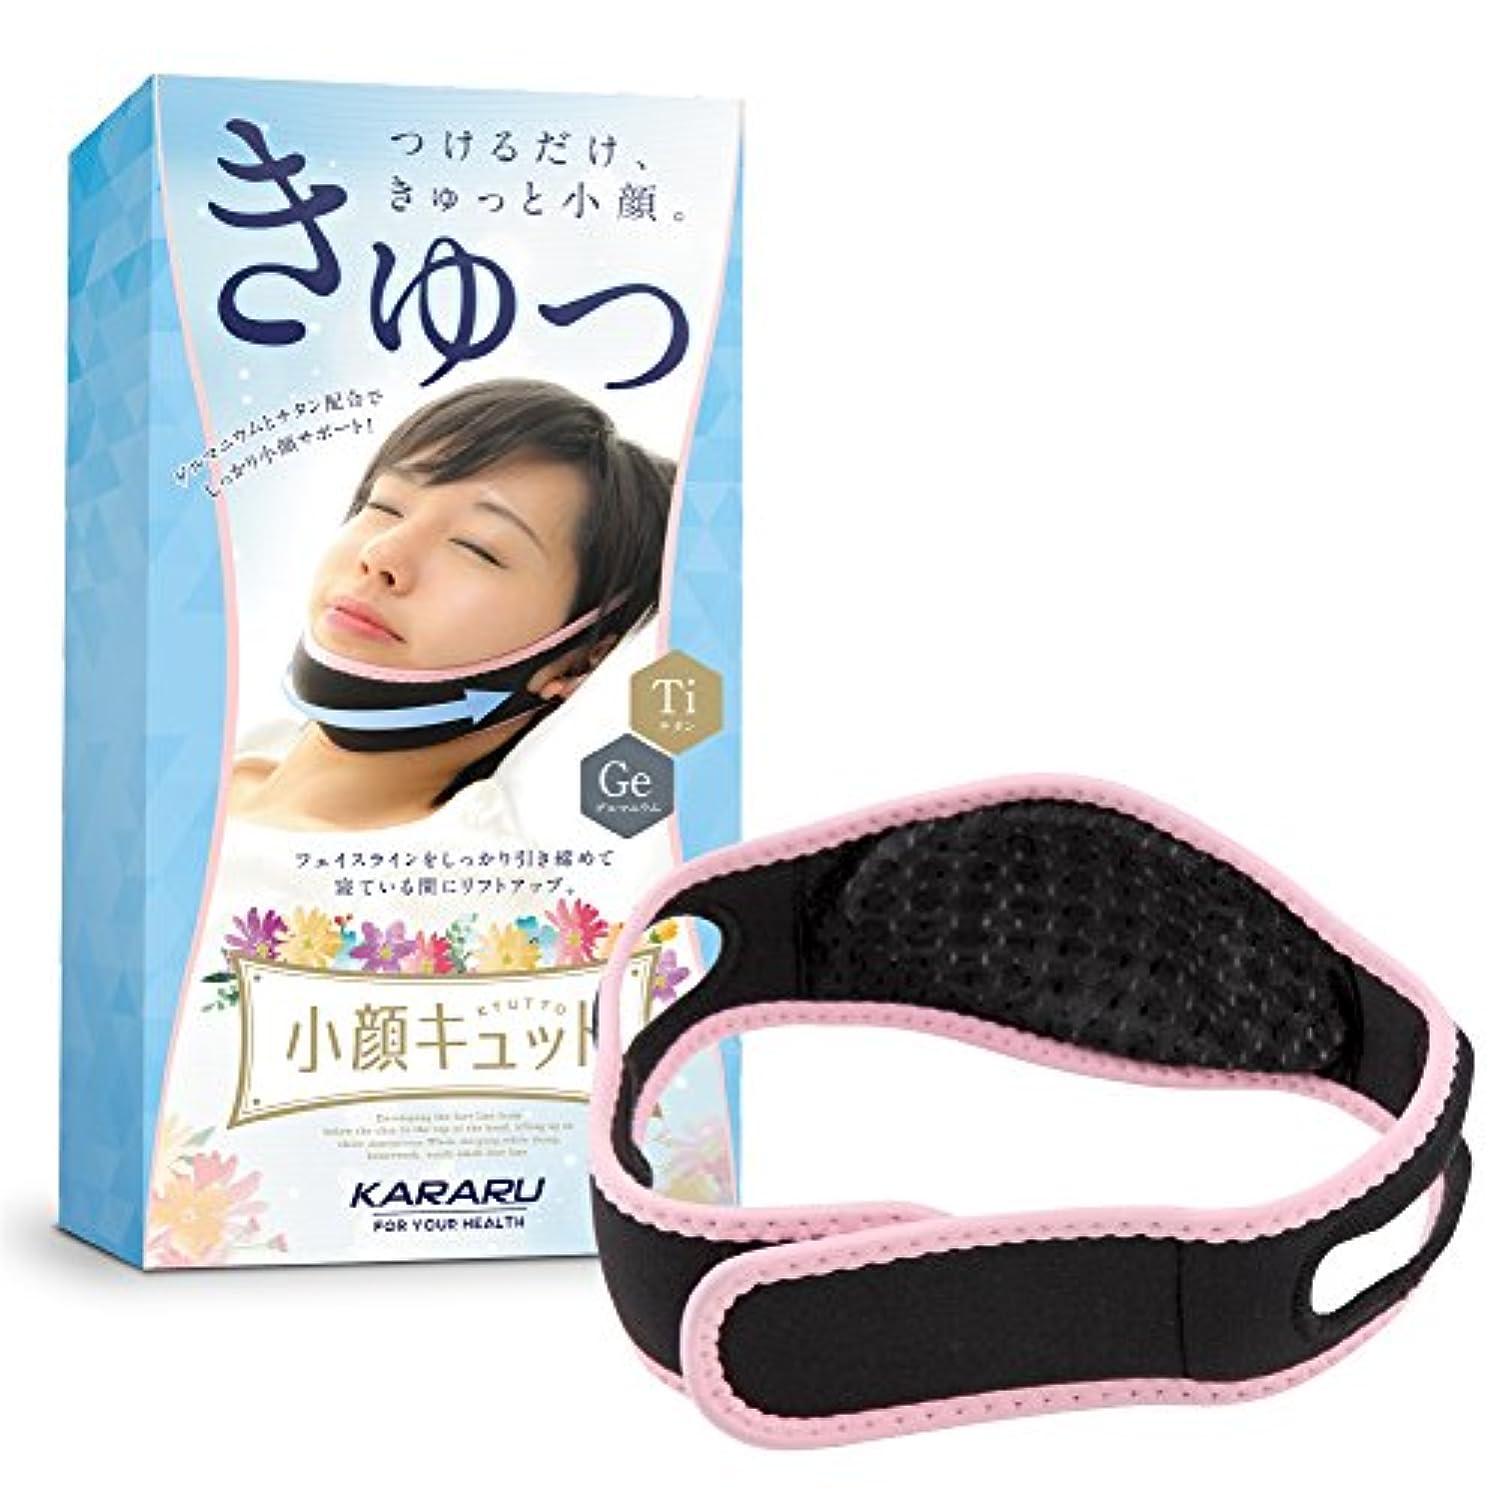 ジャンプジャンプ朝食を食べるKARARU(カラル) 小顔 マスク 小顔バンド 顔痩せ【14日間でモテ顔美人に】